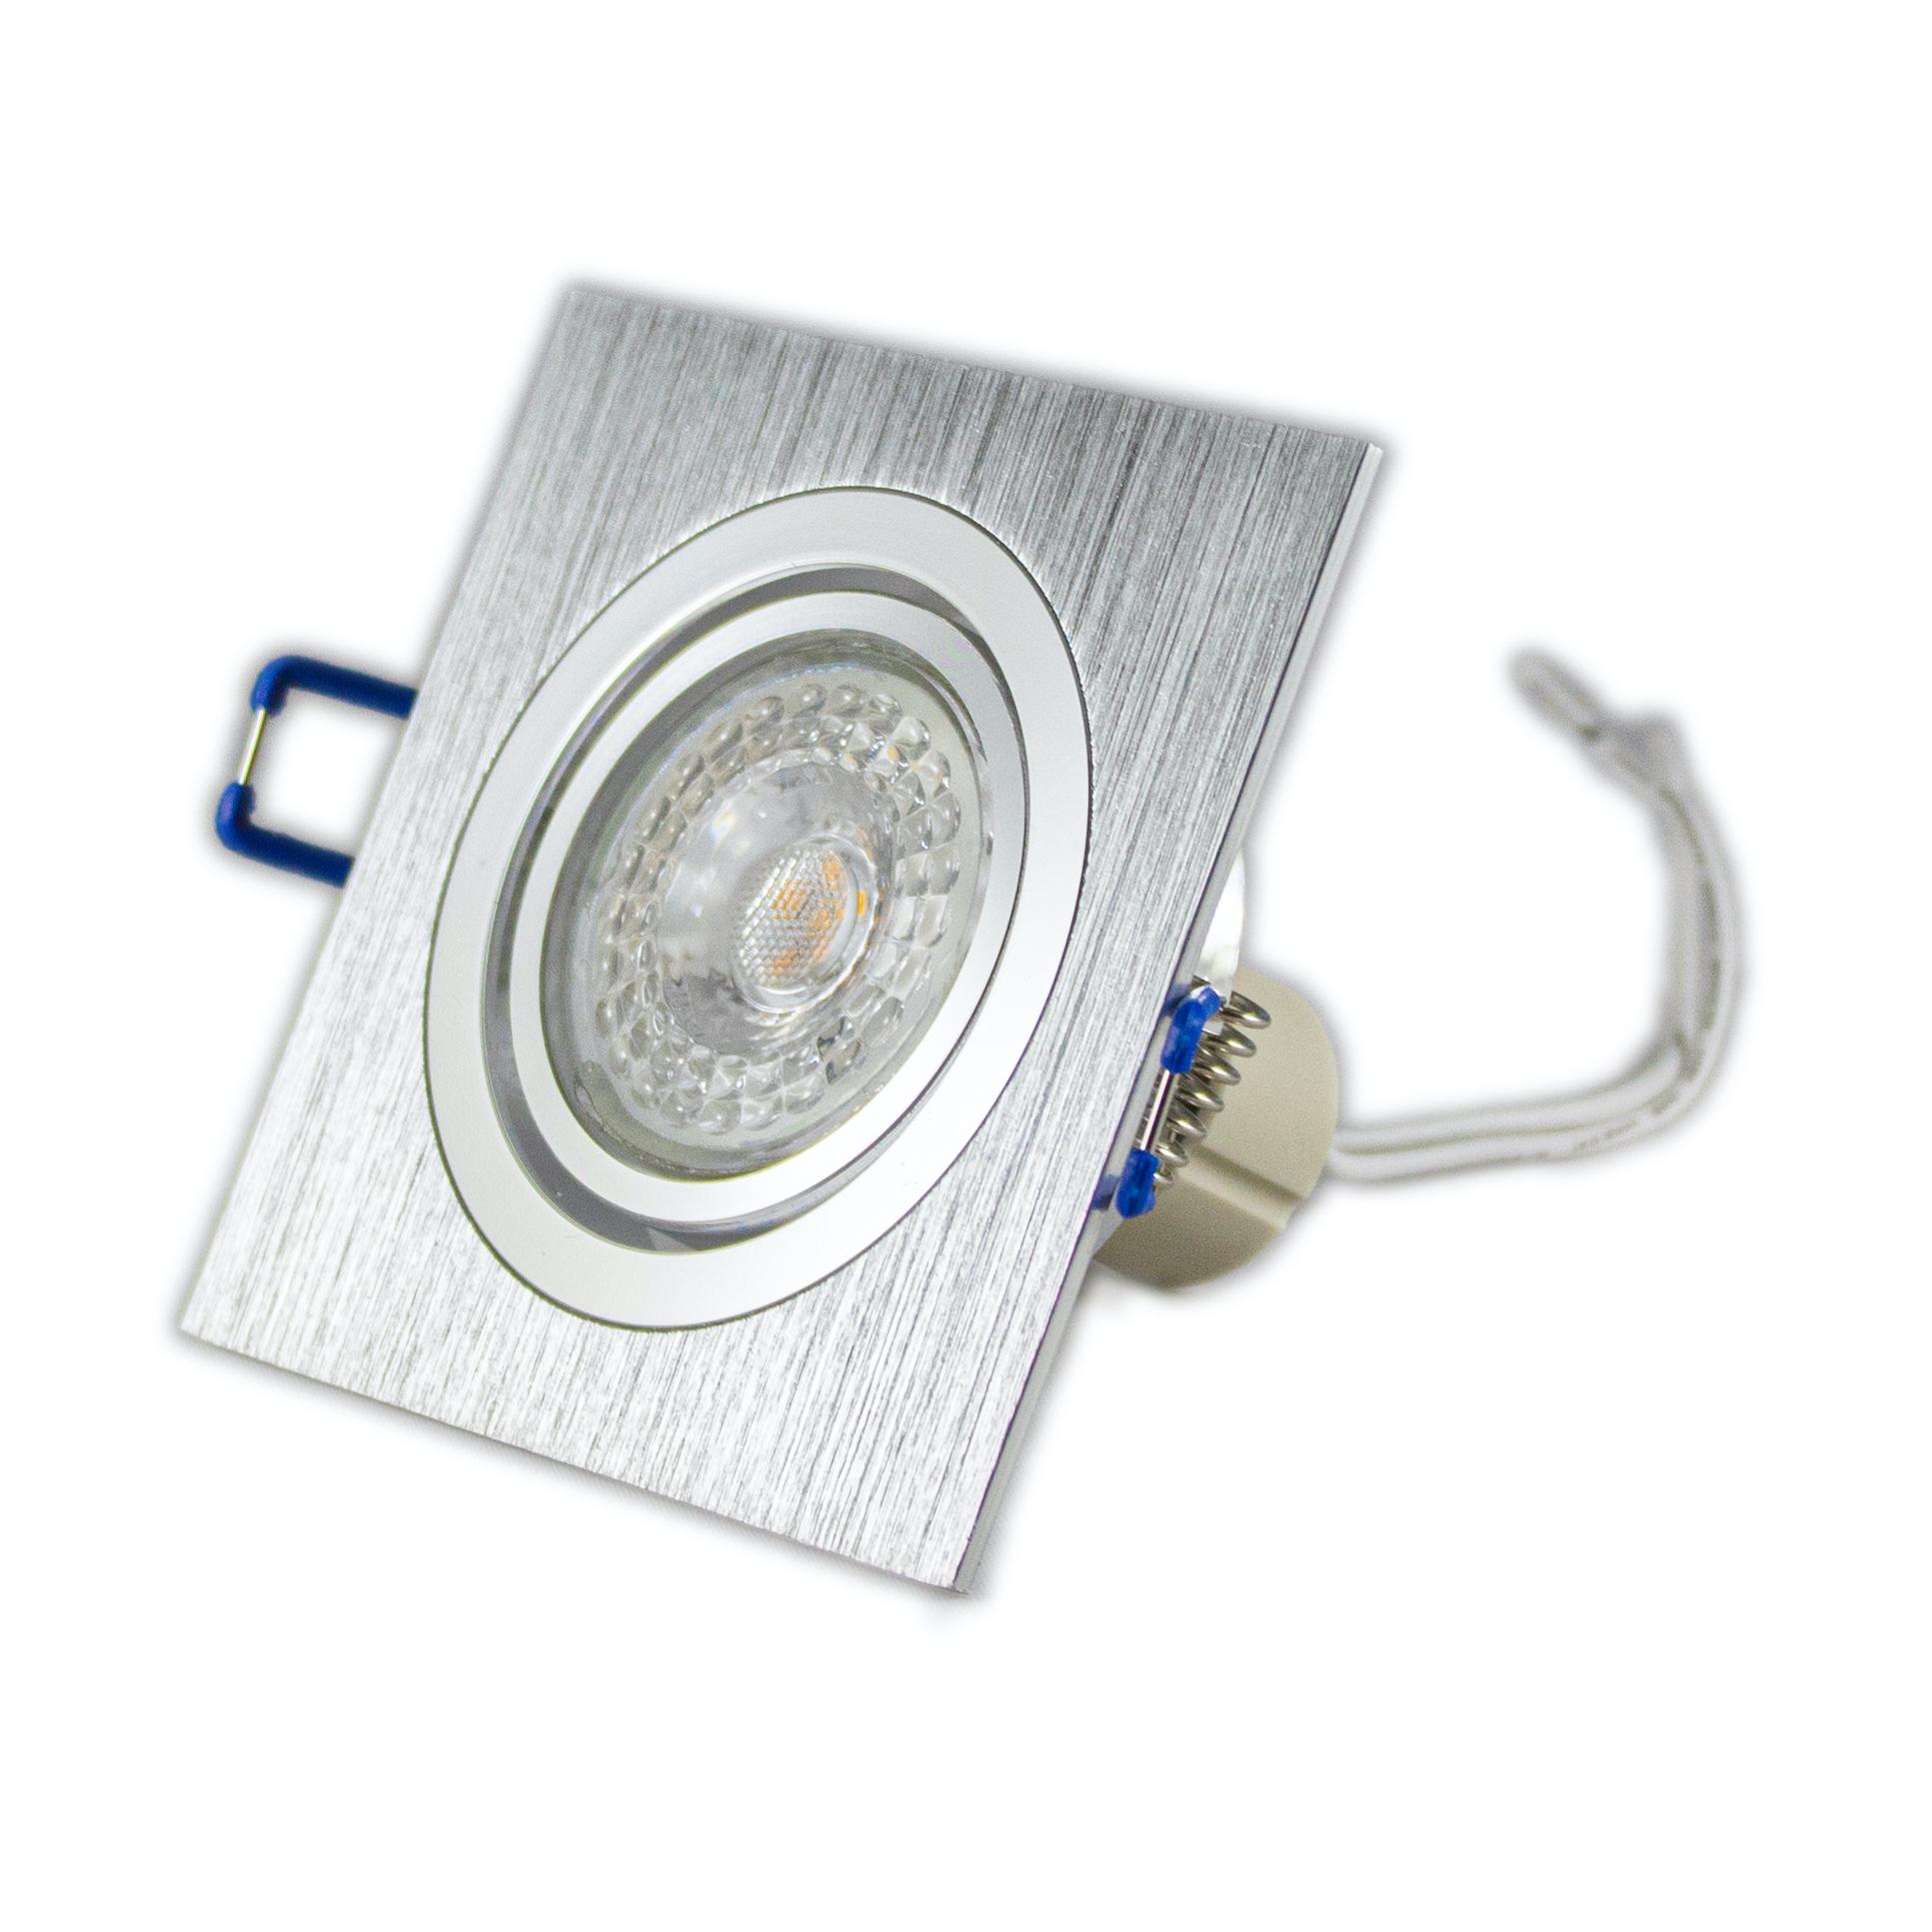 Led inbouwspot zilver vierkant 12 Volt dimbaar 4000K - armatuur gekanteld